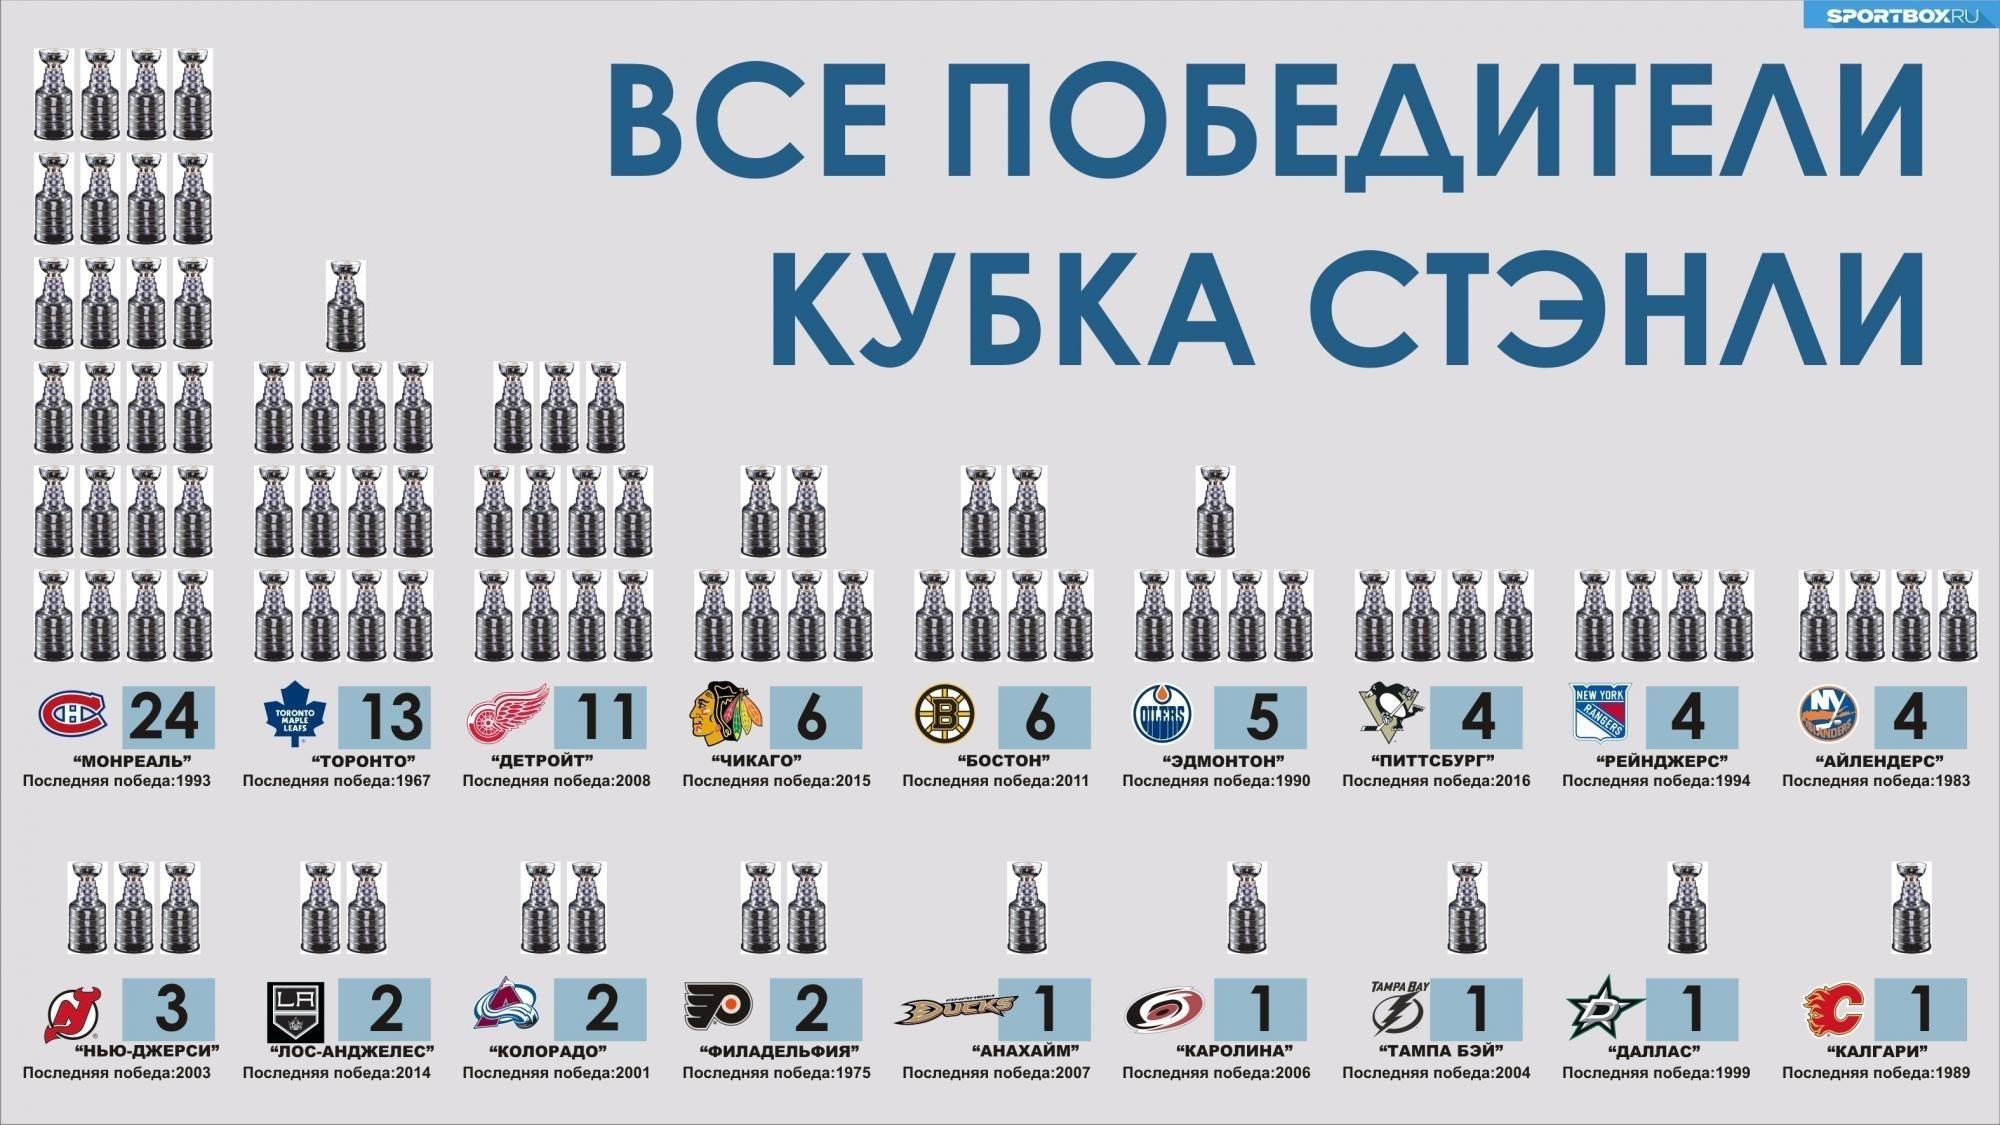 Кубок стэнли победители